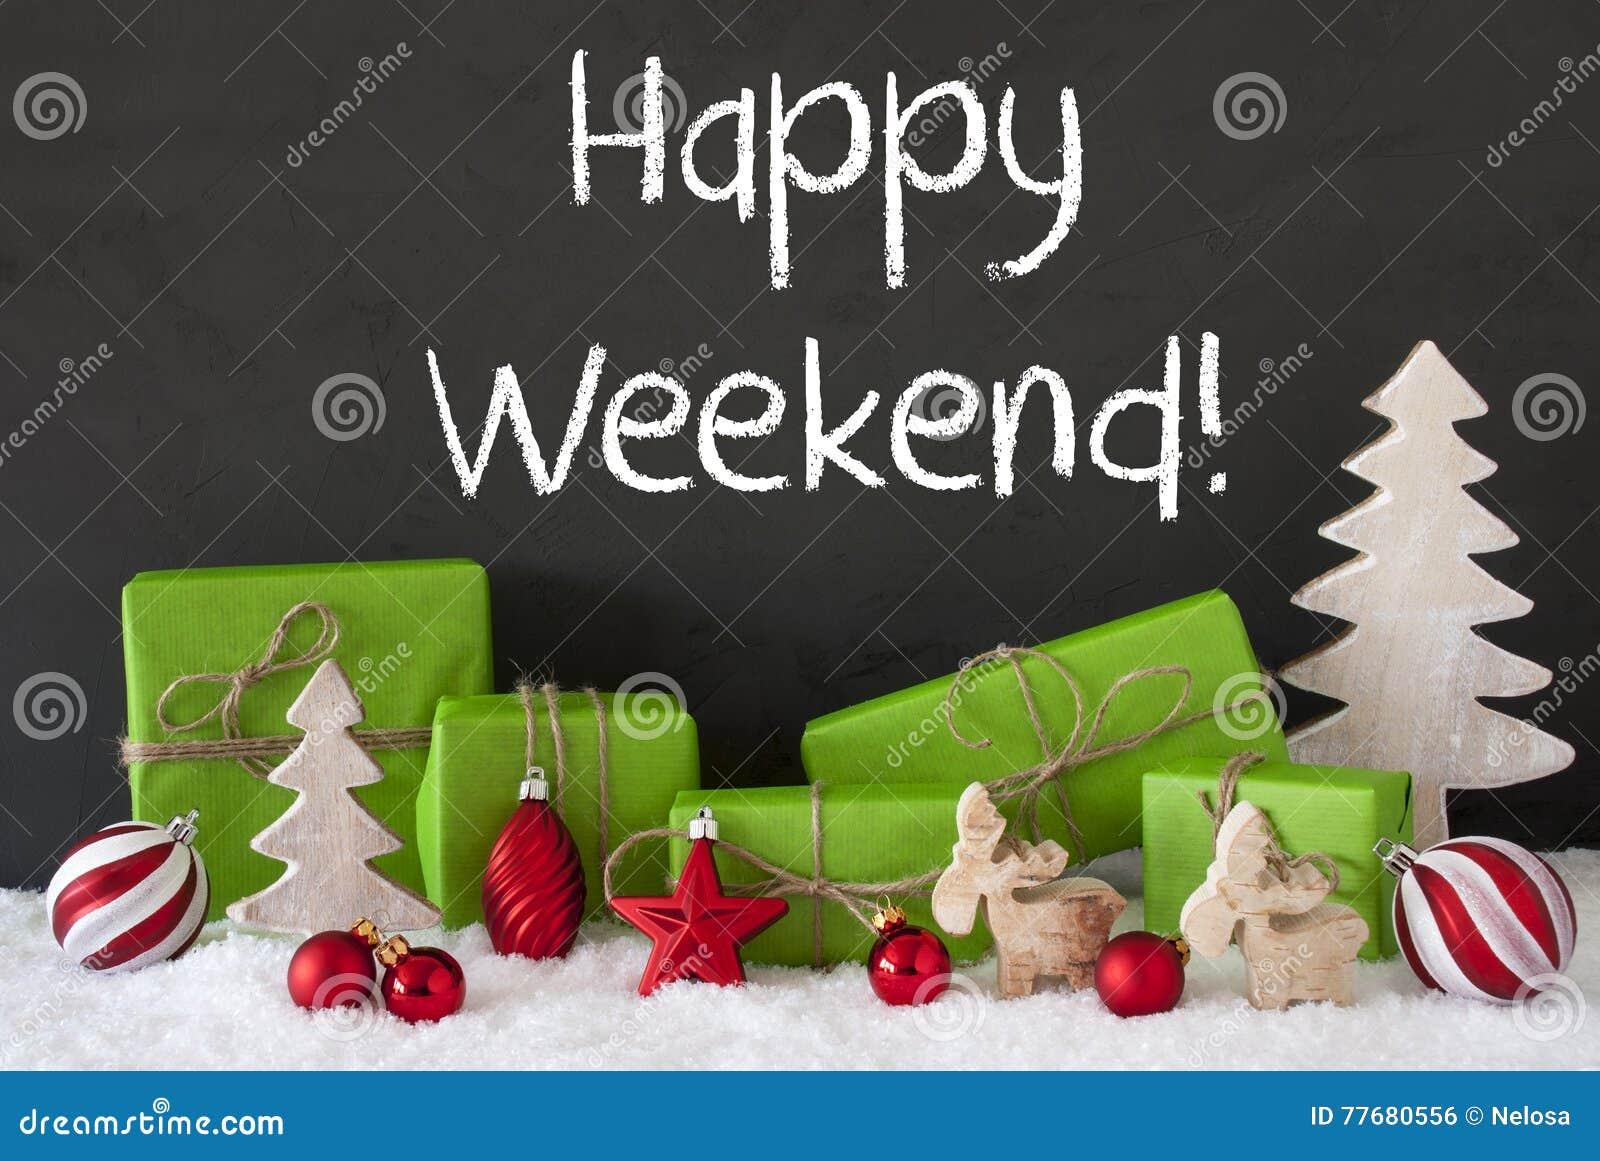 La decoración de la Navidad, cemento, nieve, manda un SMS a fin de semana feliz